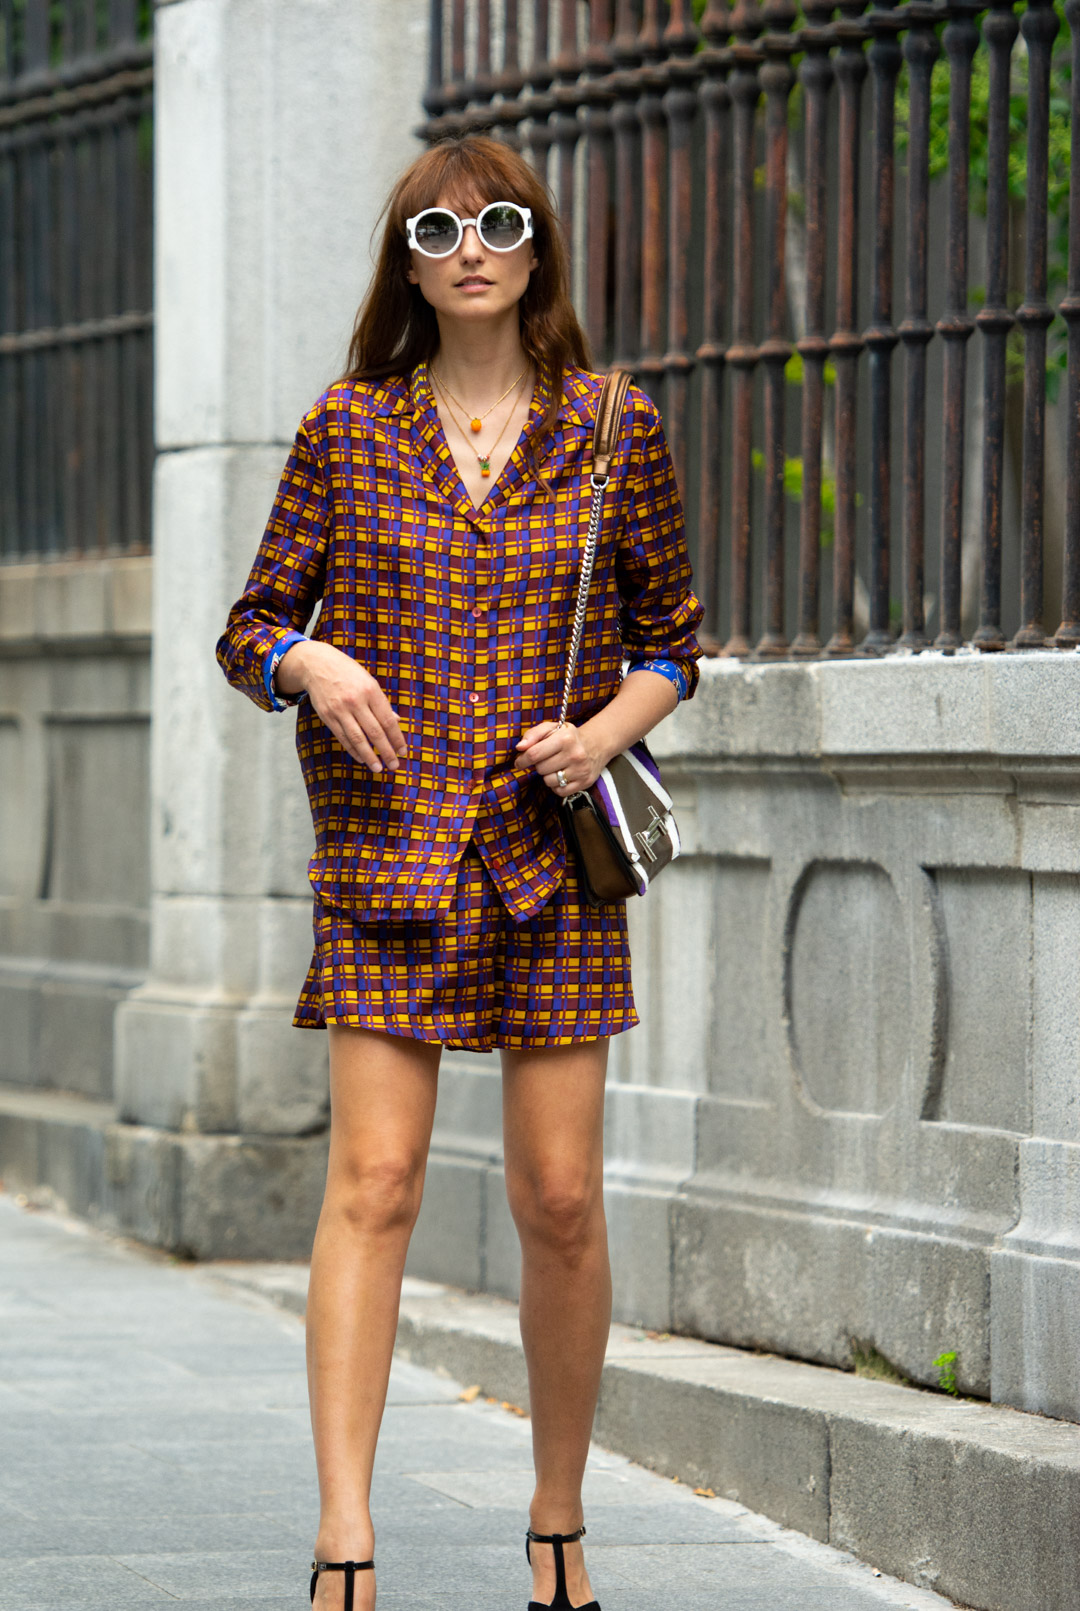 pijama-street-style-mayte-de-la-iglesia-web-02